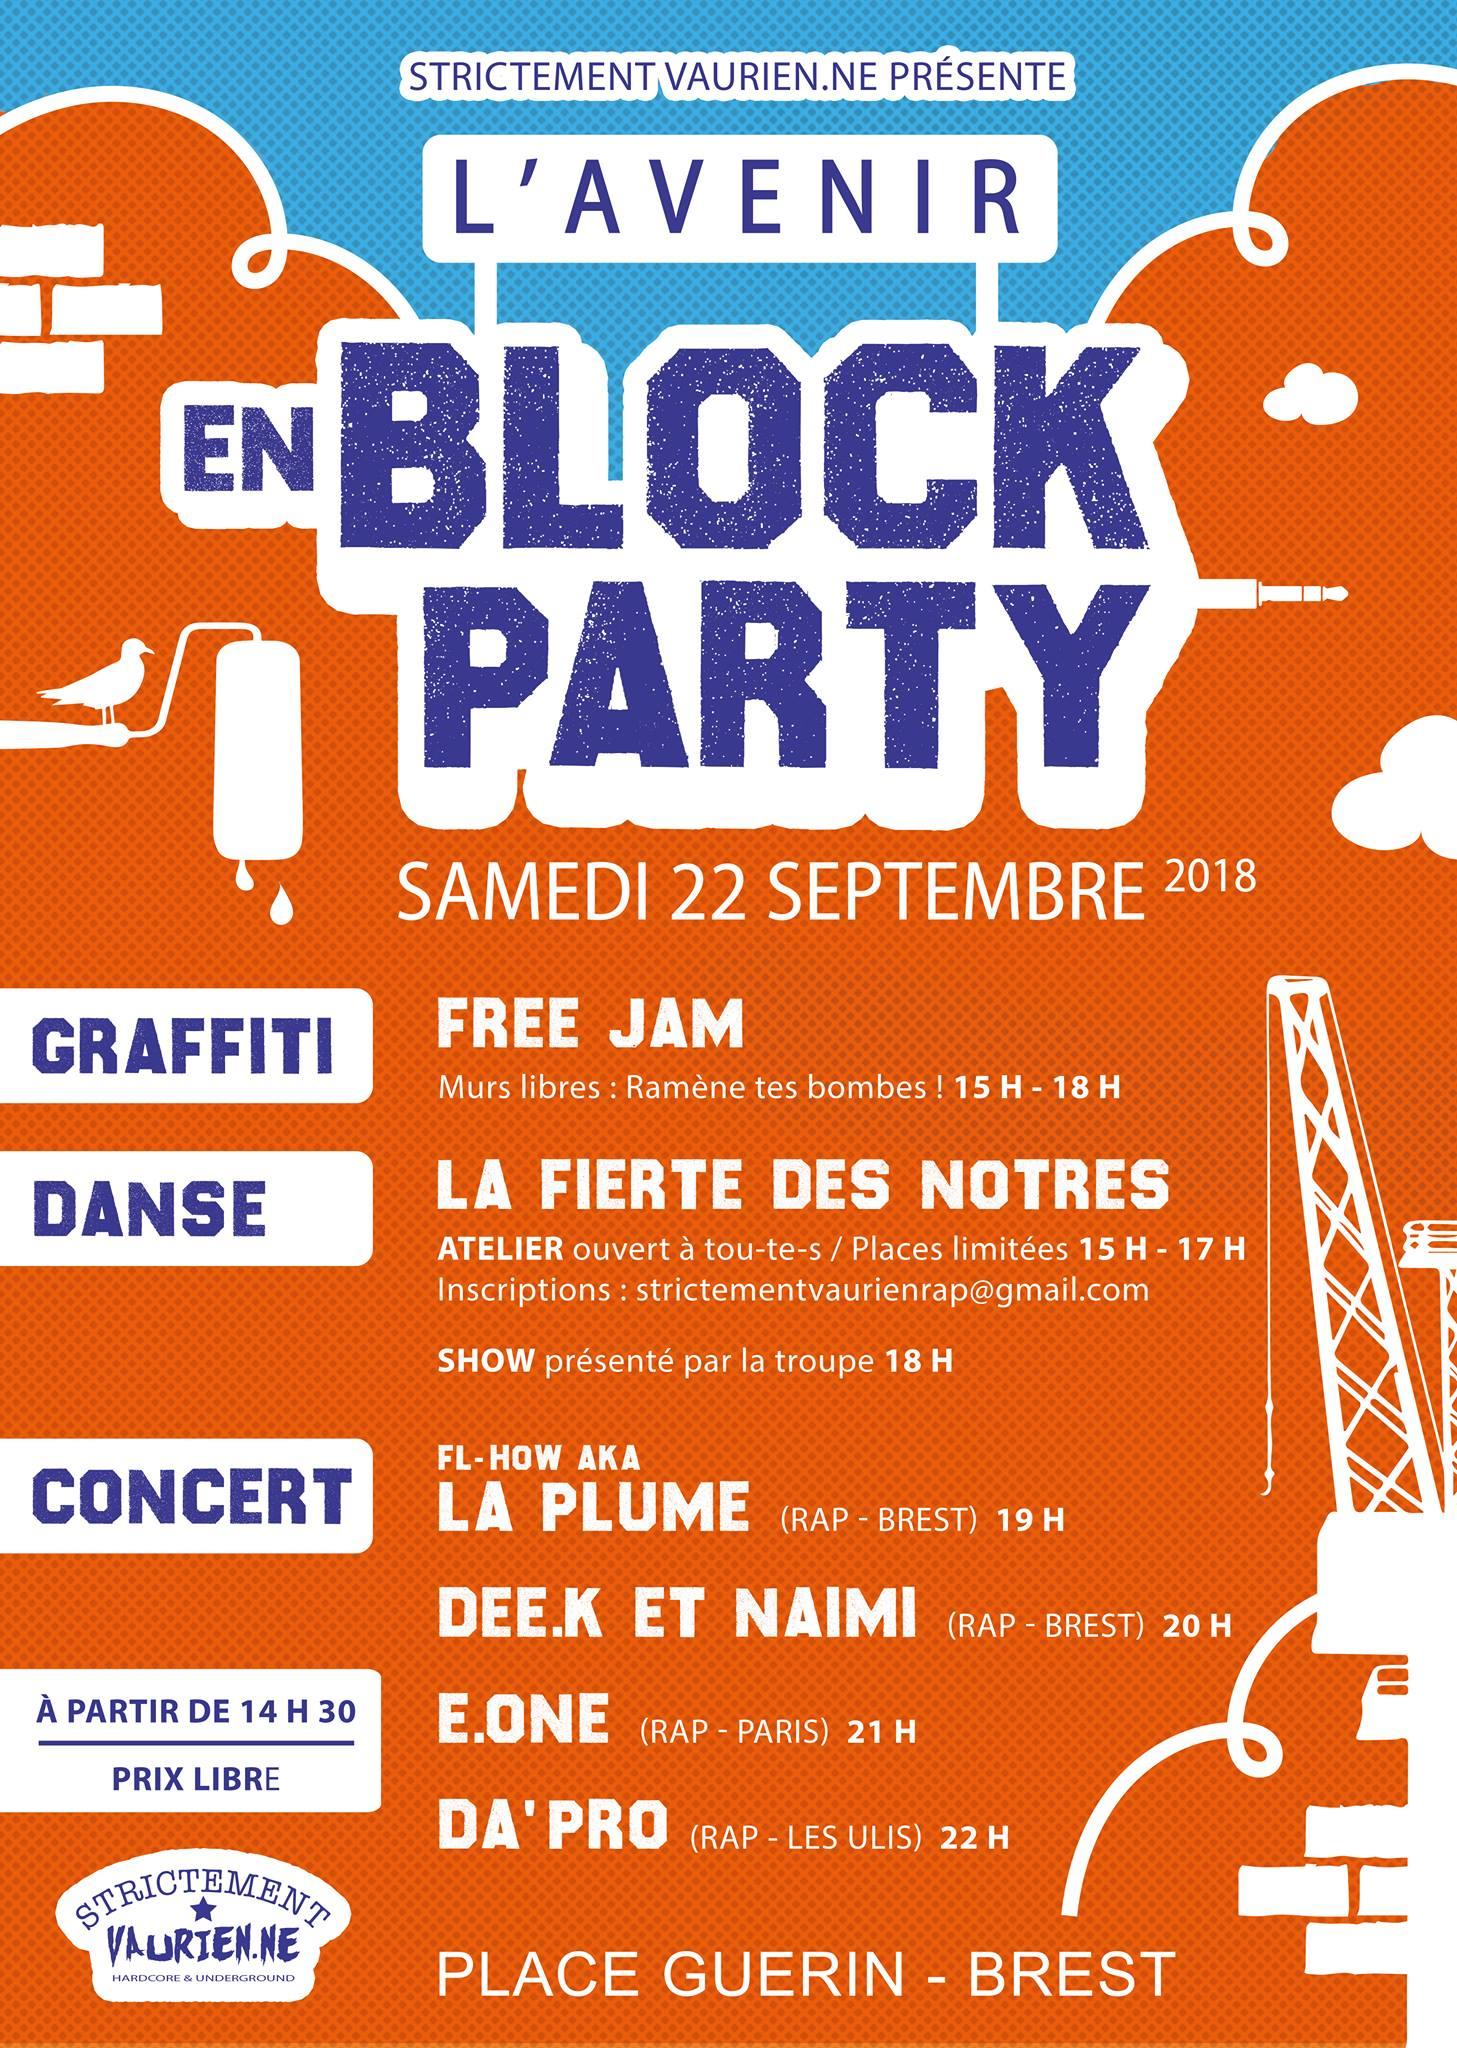 Concert à Brest le 22 septembre 2018